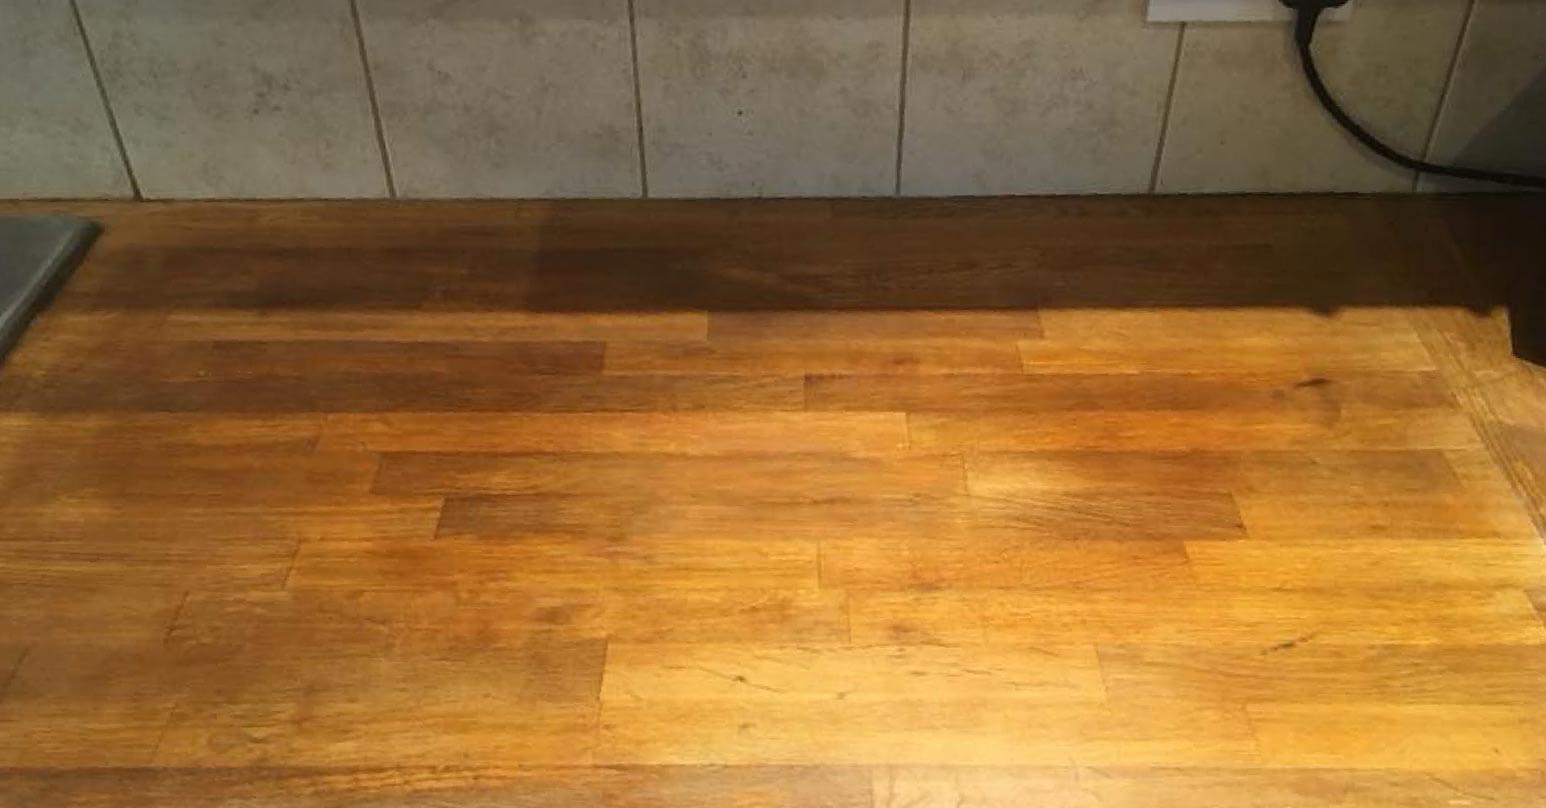 Repair to solid wood worktop